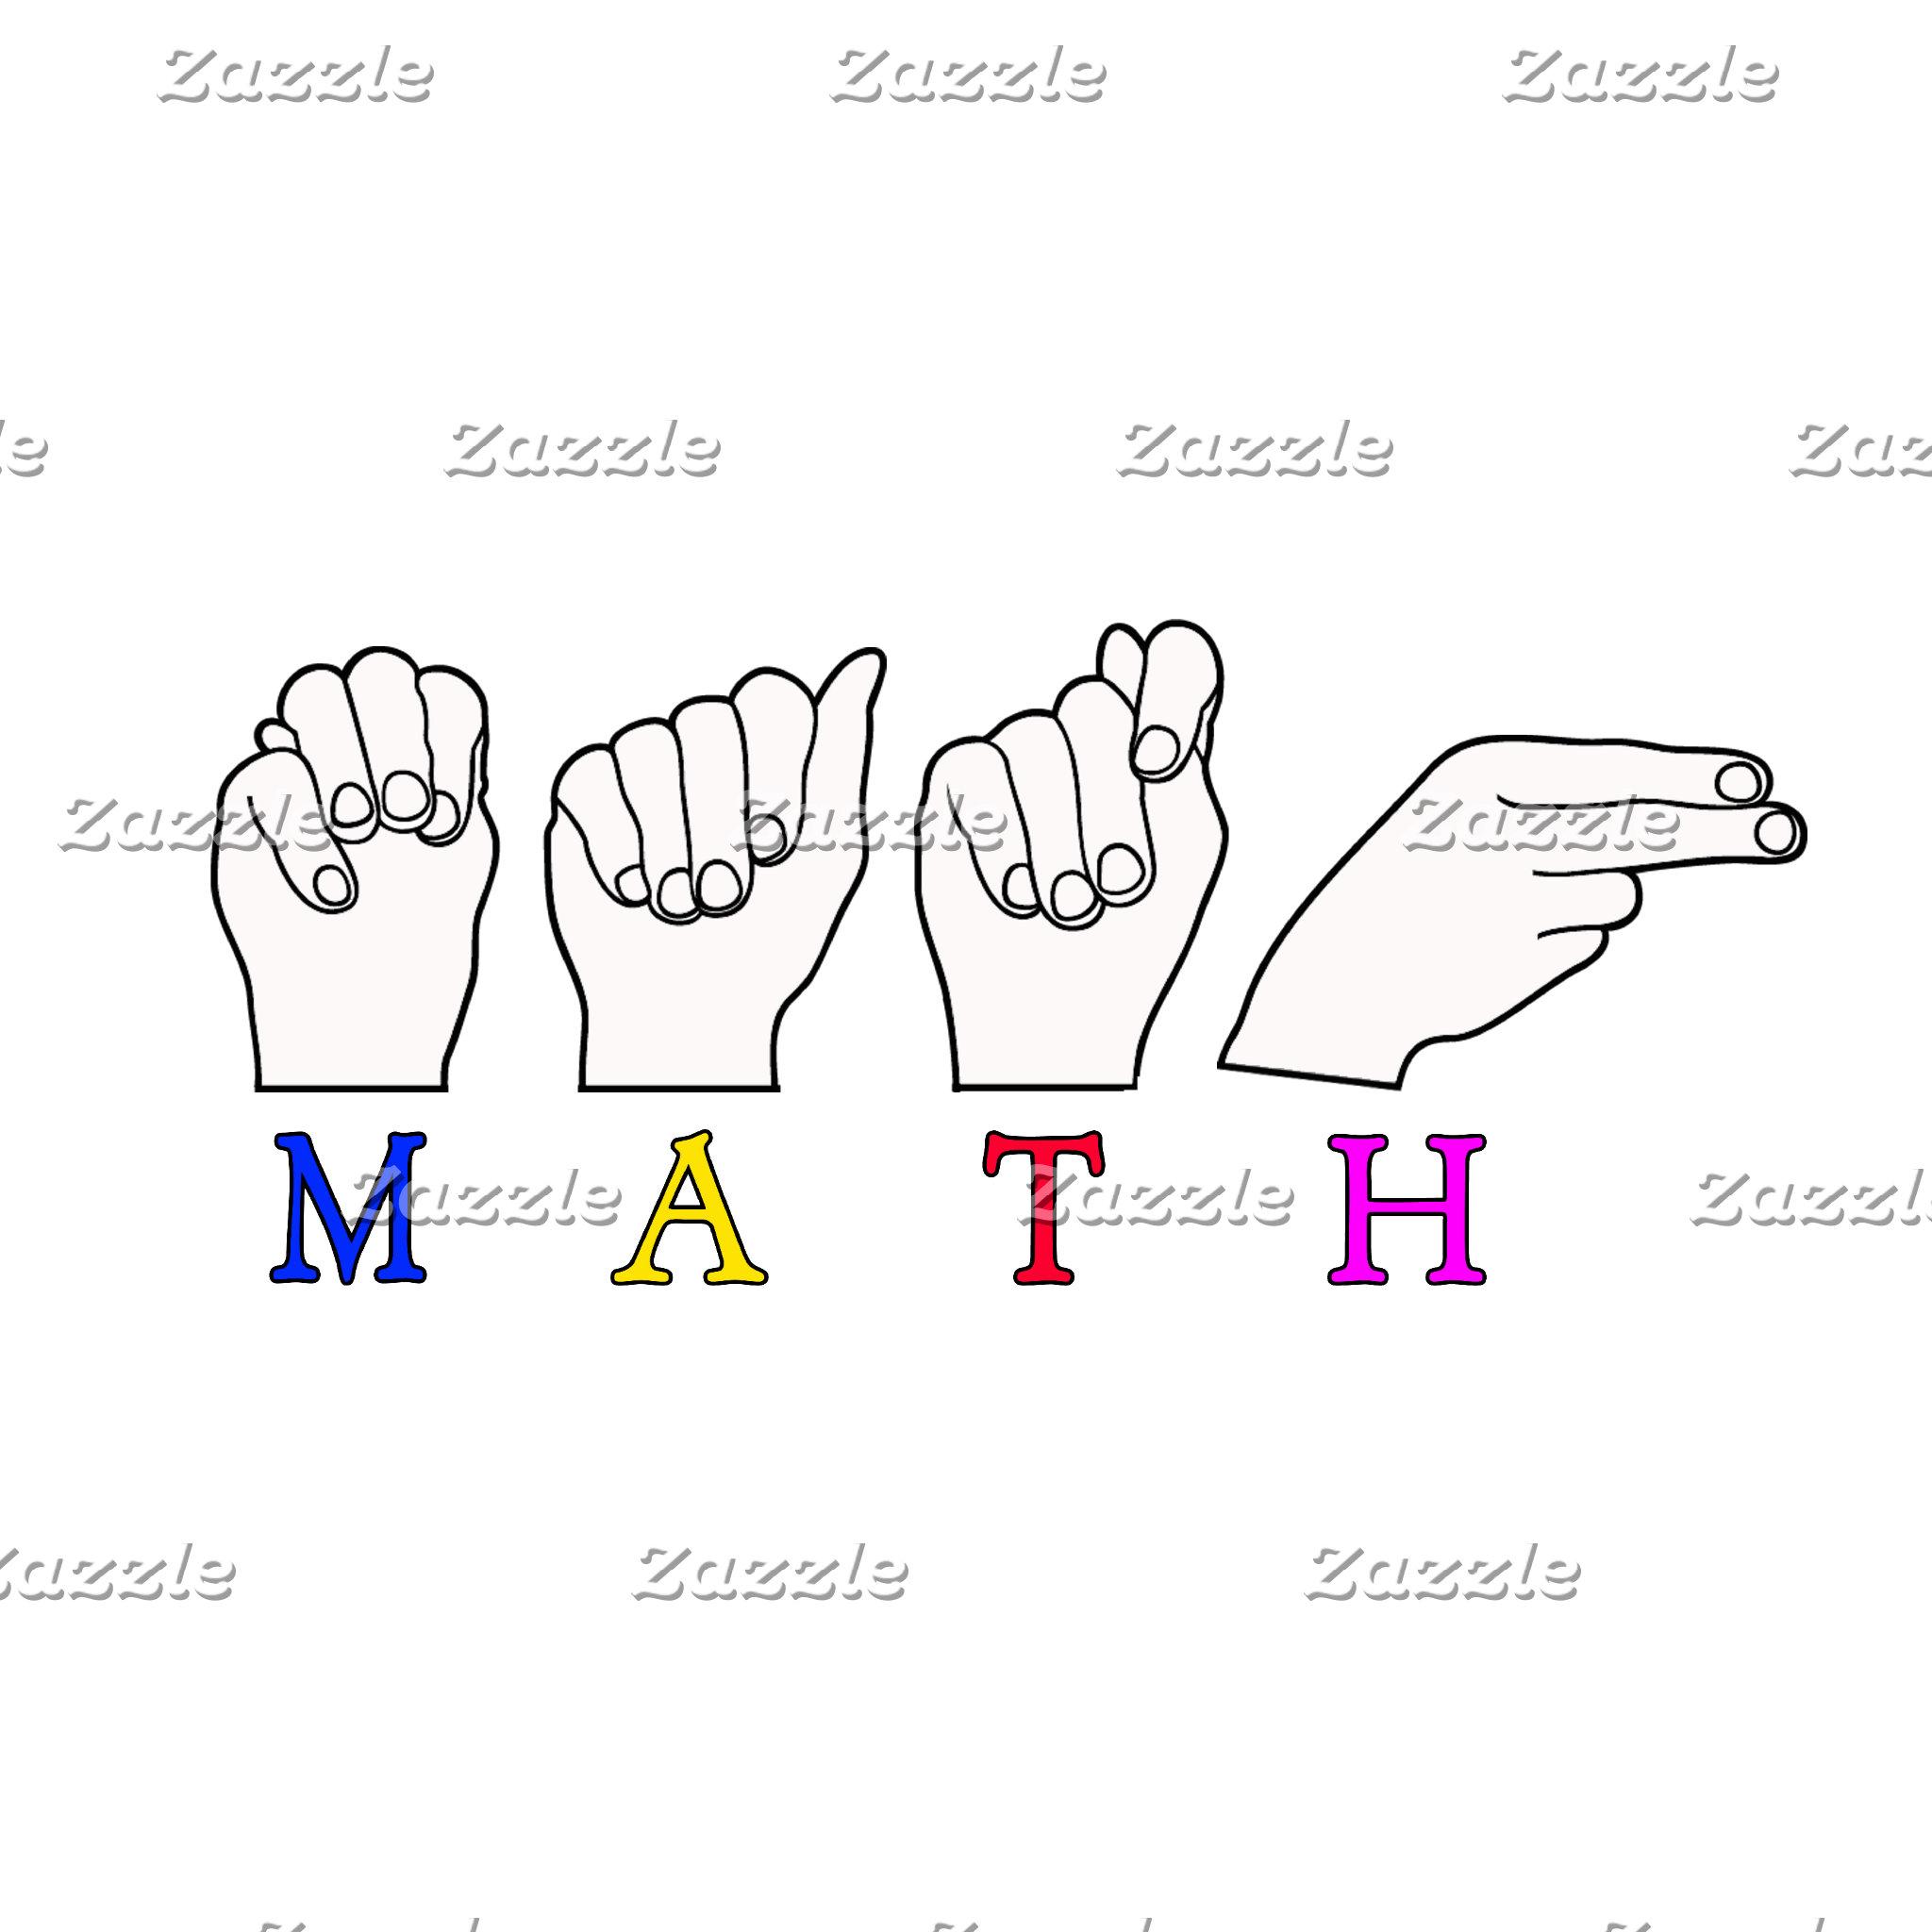 MATH FINGERSPELLED ASL SIGN